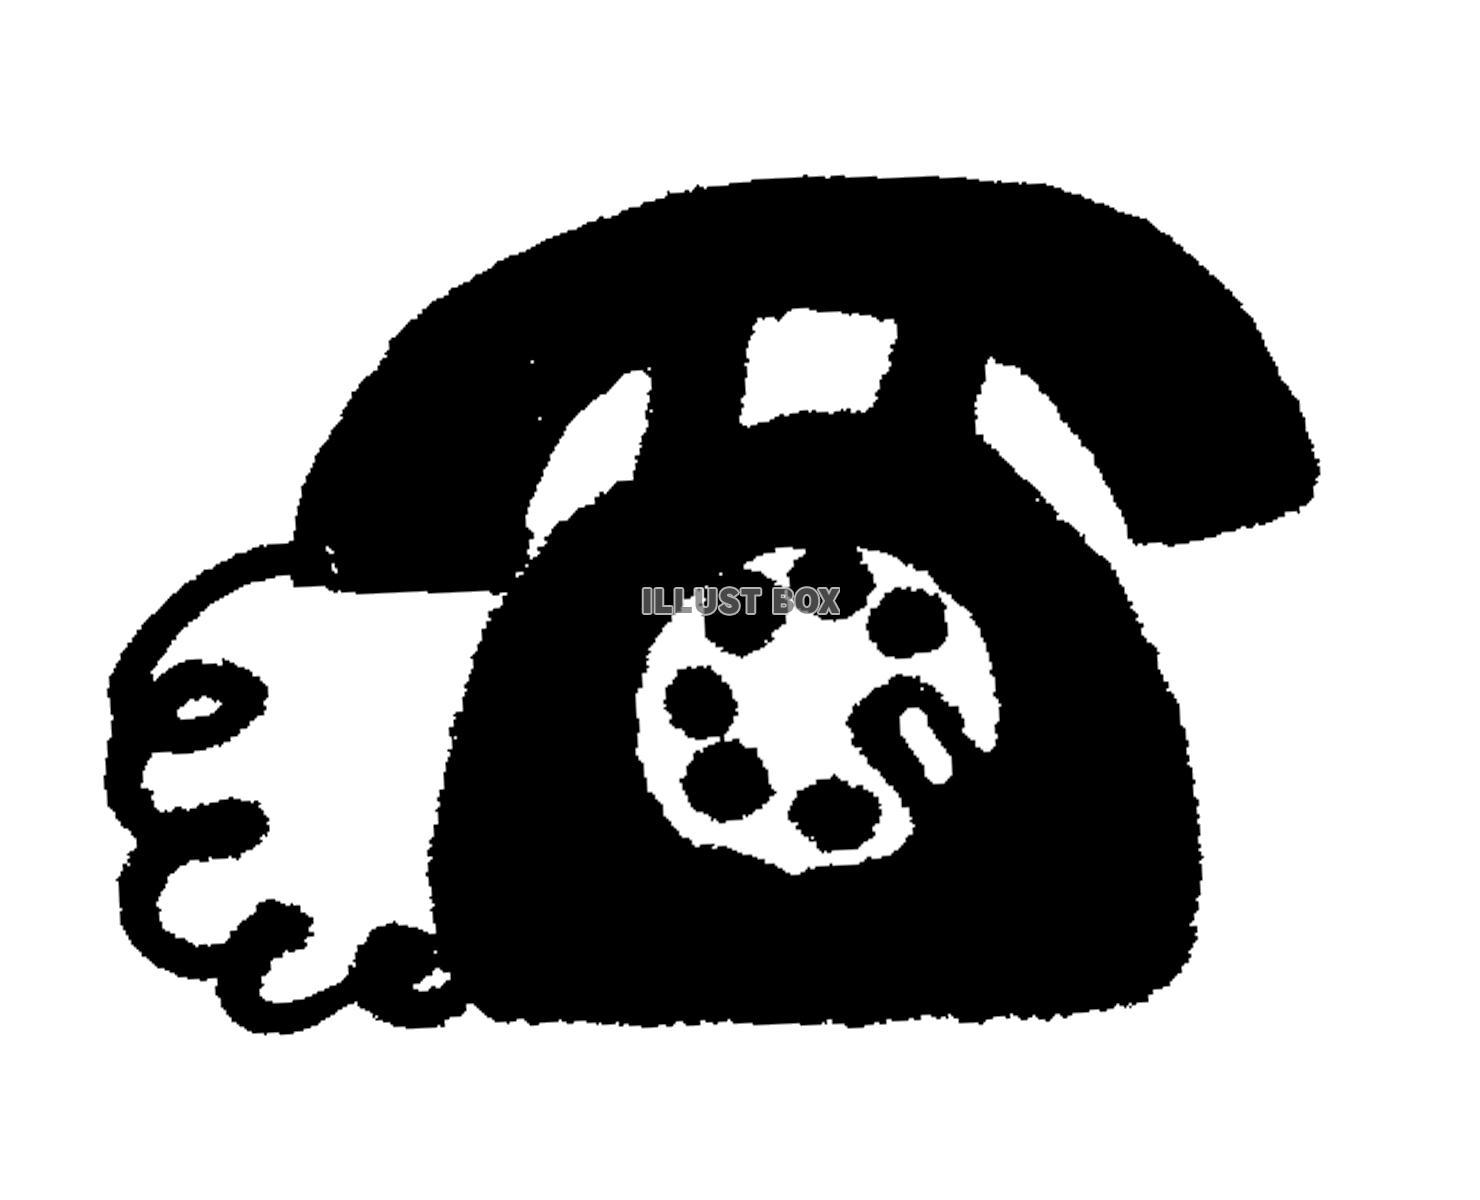 無料イラスト 【透過png】黒電話【アイコン】